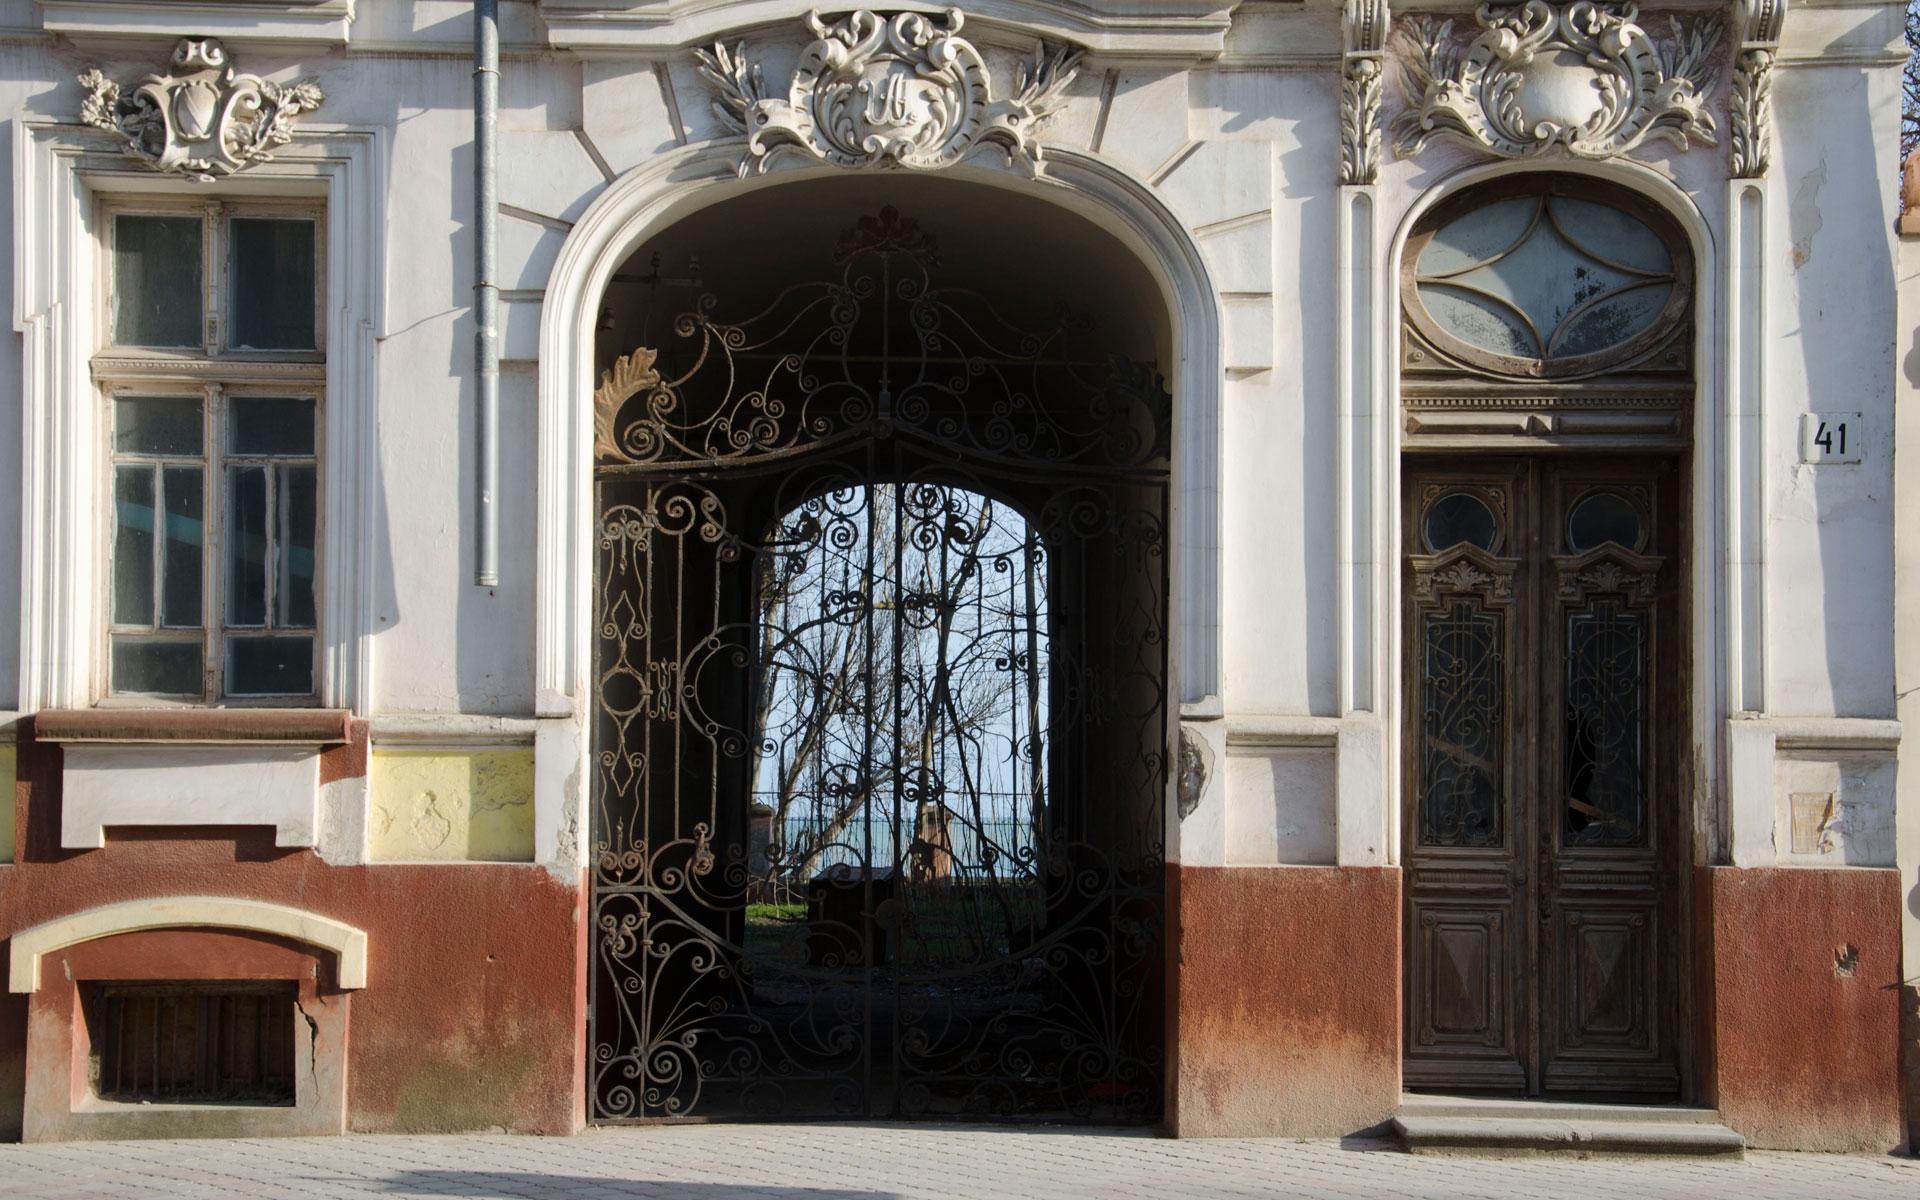 ул. Революции 41. Фото Крыма